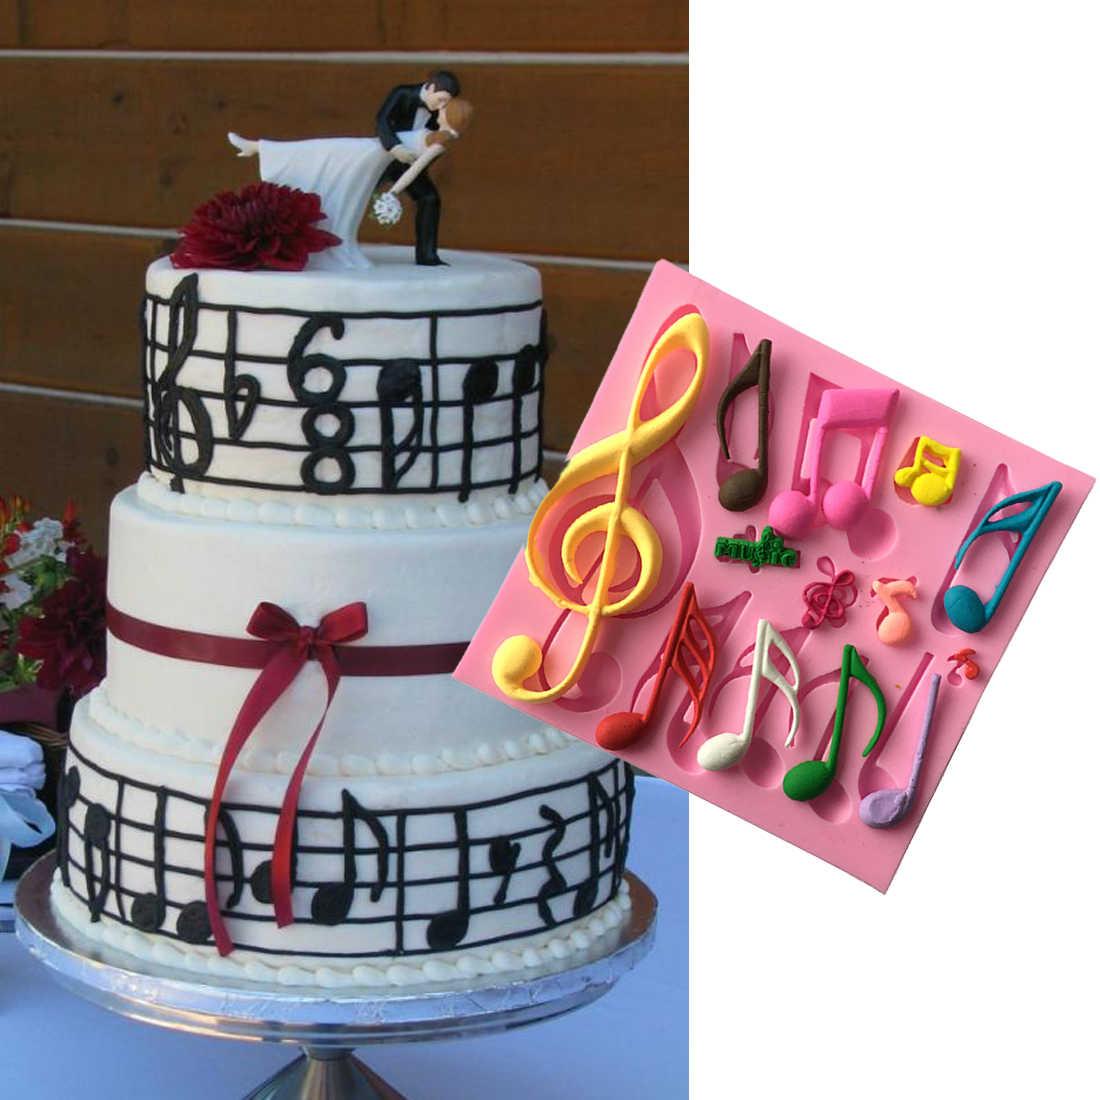 Выпечка инструменты музыкальные ноты форма силиконовая форма для помадки торт жароустойчивая форма для выпечки инструменты форма для мыла Сахар инструмент 11,5*11*1 см